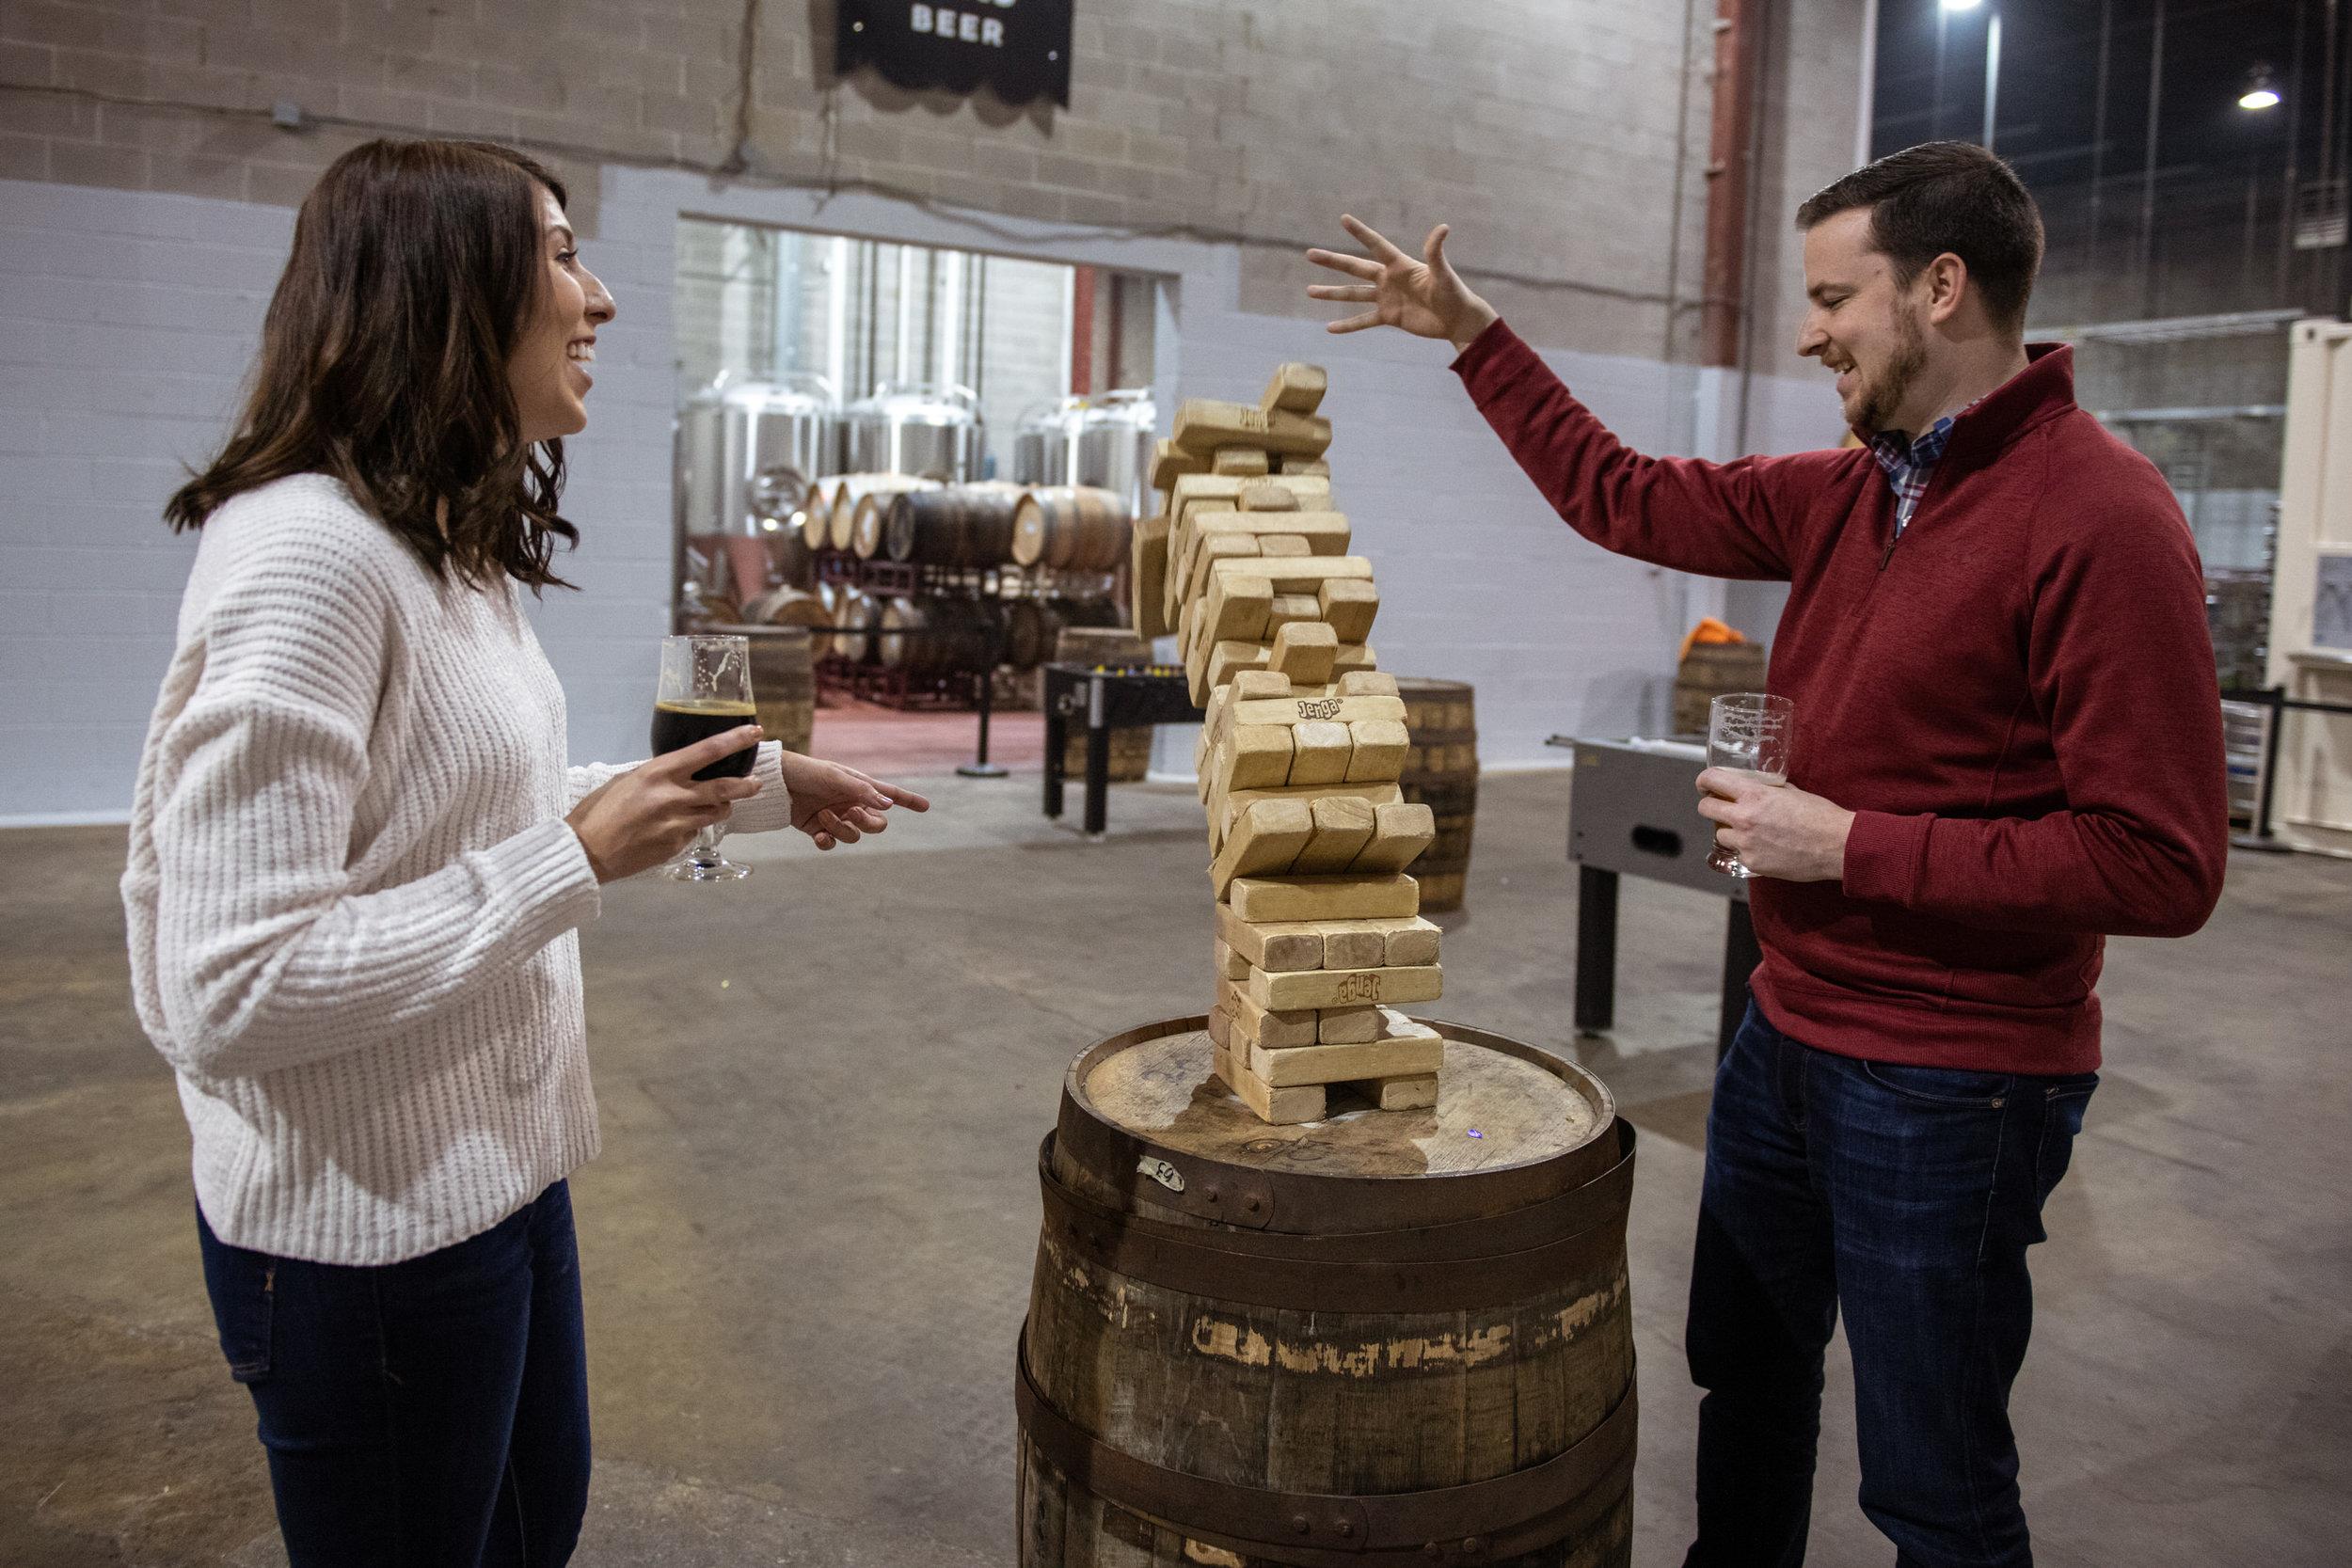 Beer&HockeyEngagement-304.jpg